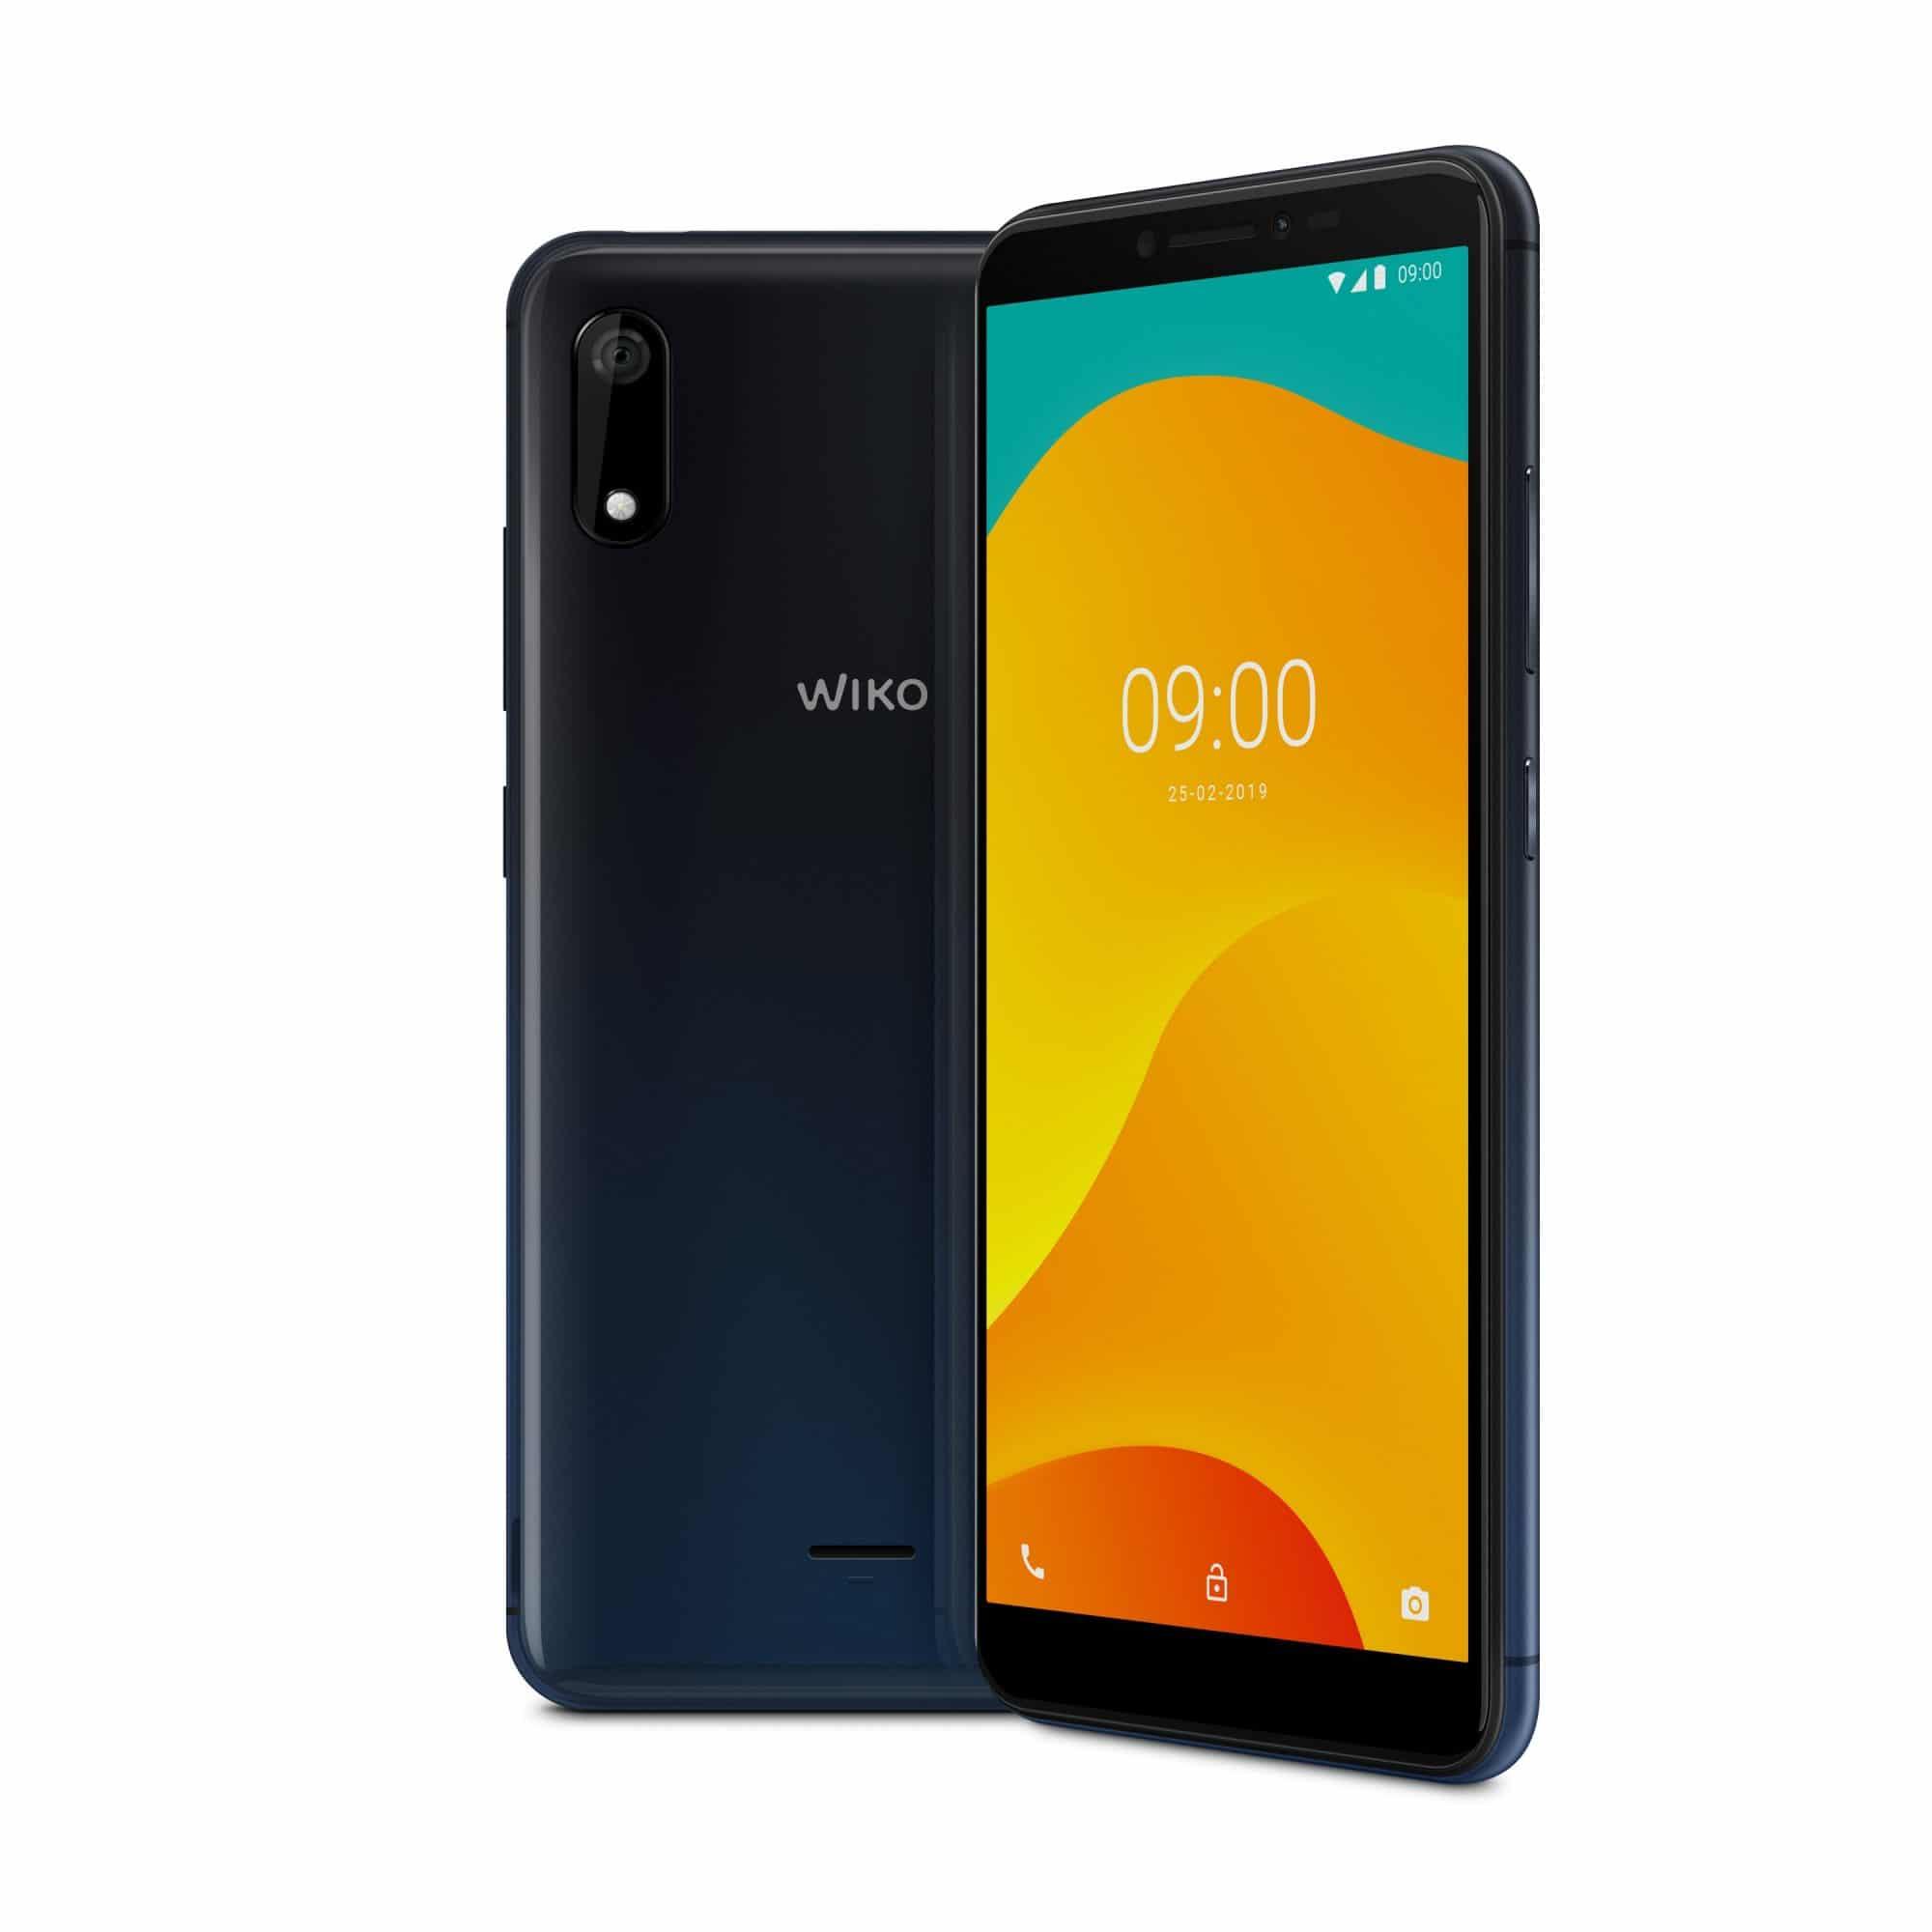 Wiko Sunny4 Plus มือถือจอกว้างคมชัดในราคาสุดคุ้มค่า 4